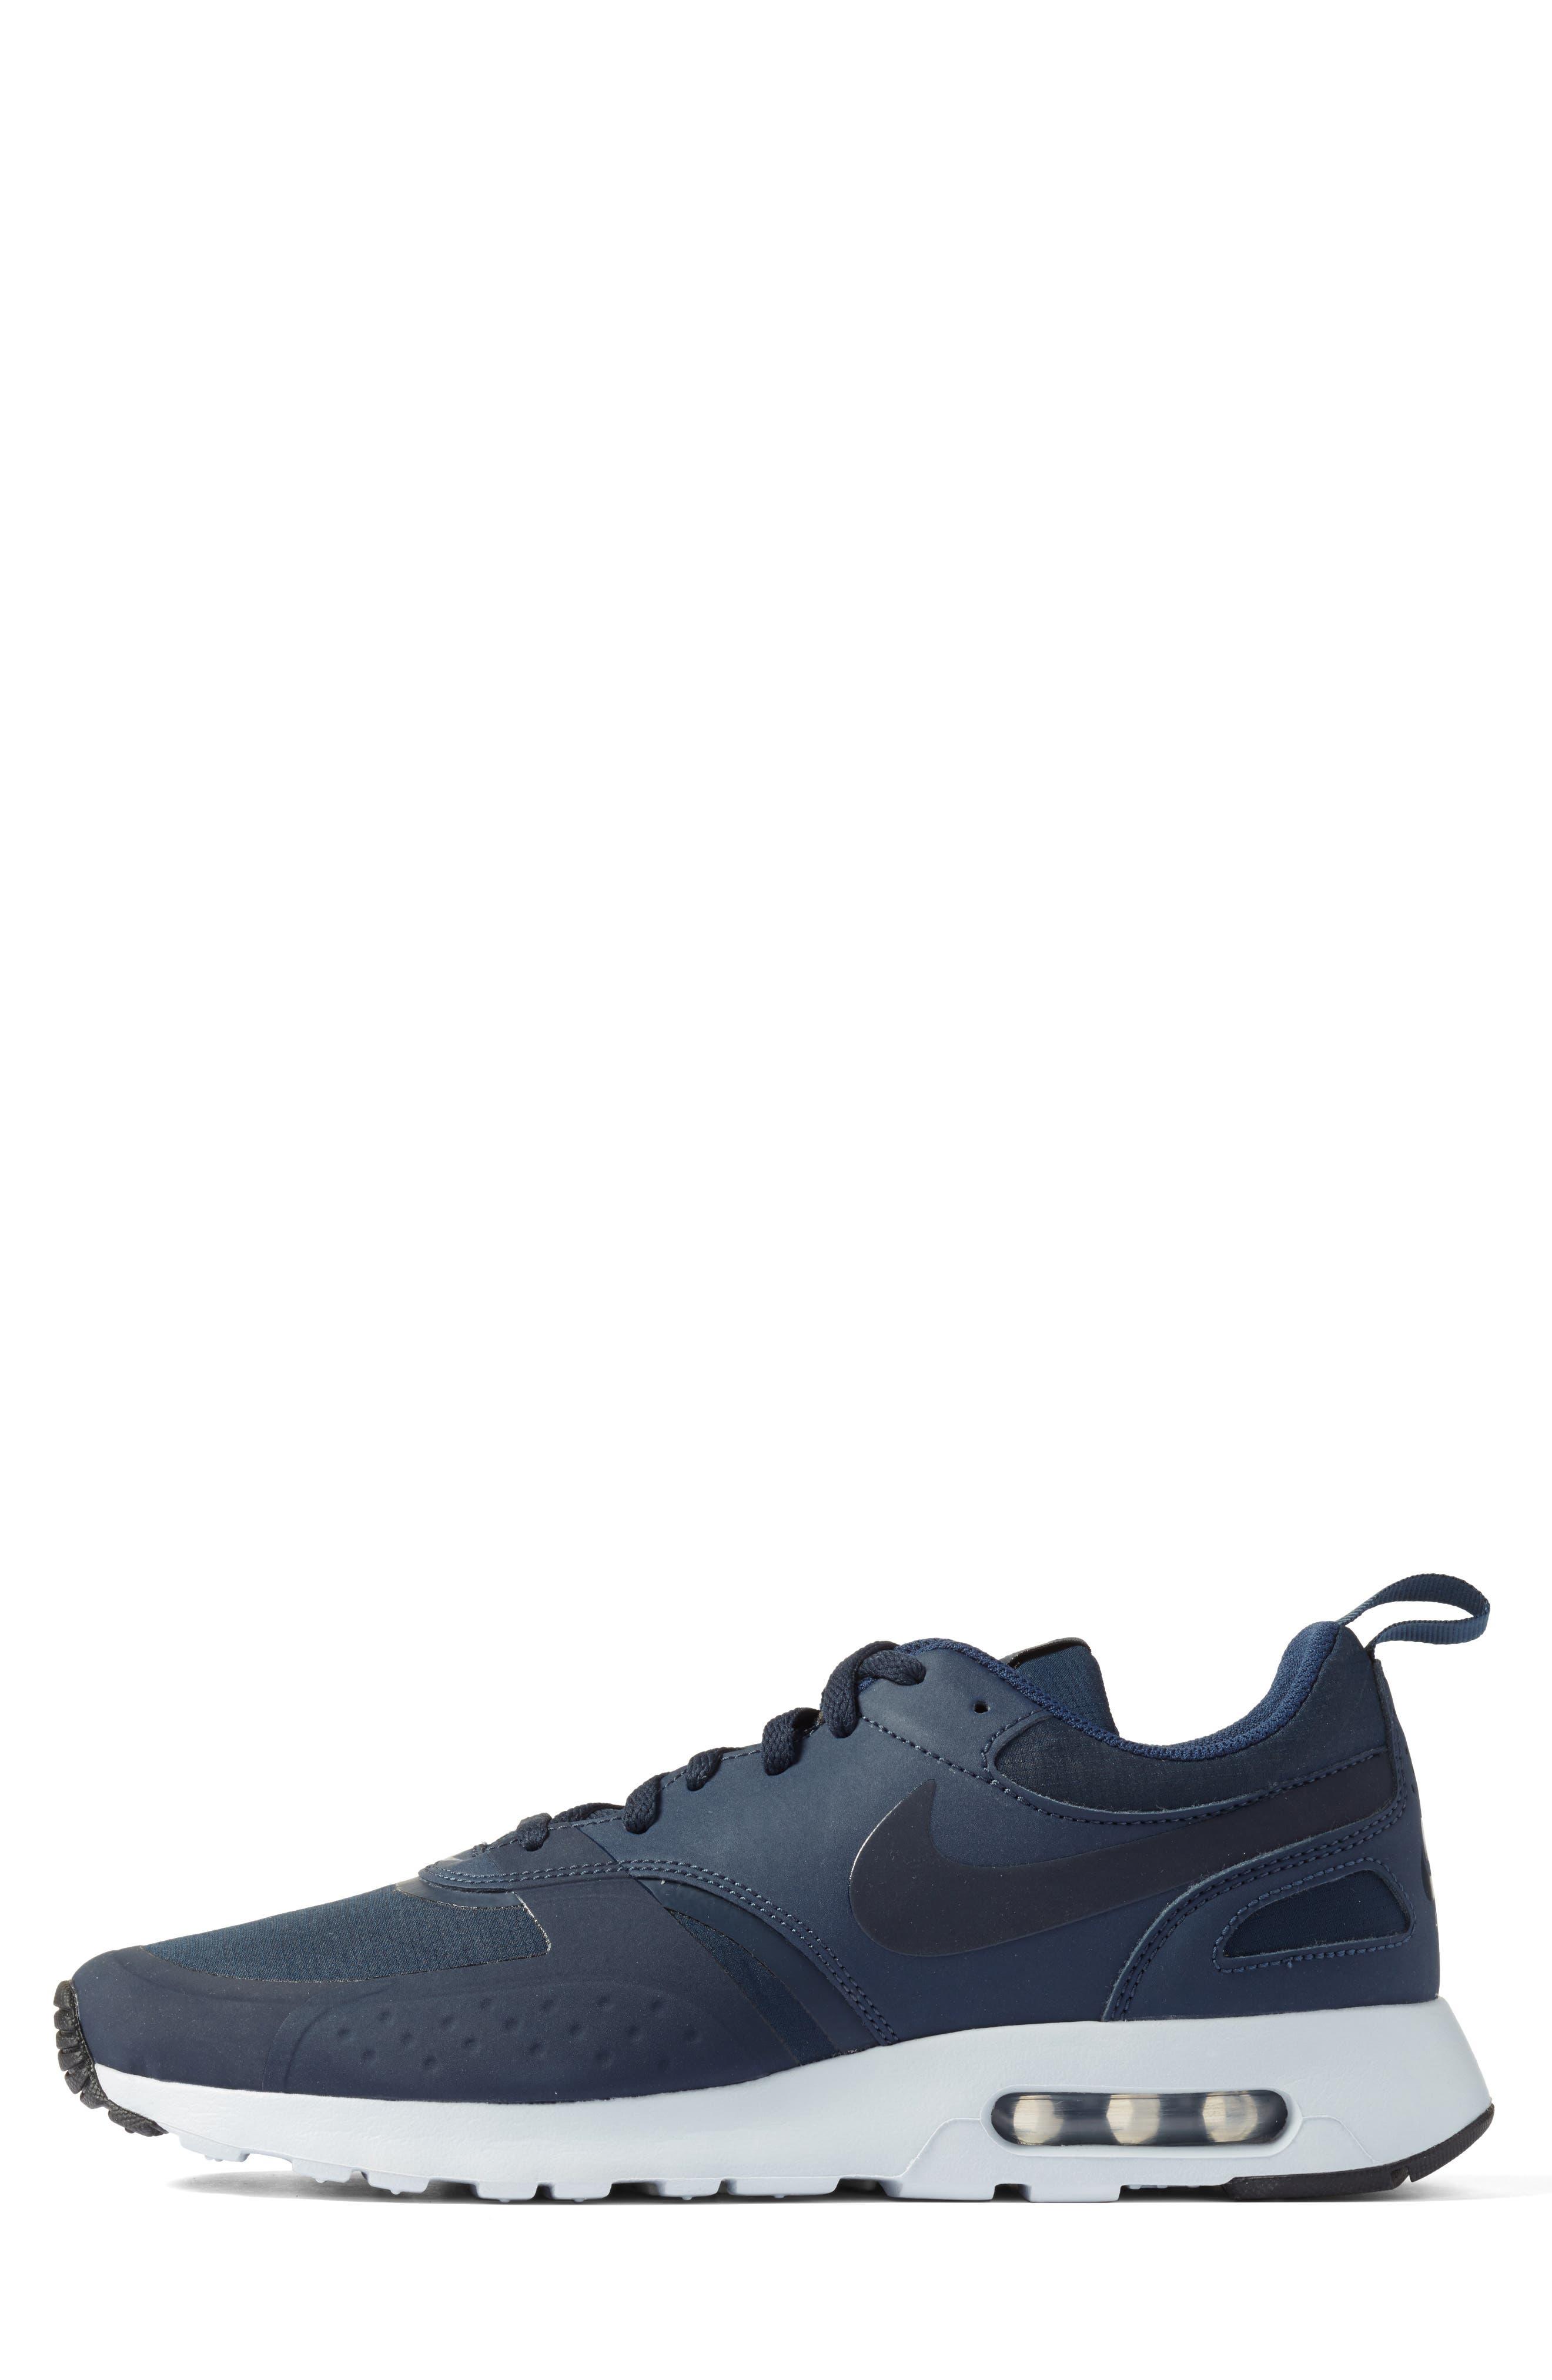 Air Max Vision Premium Sneaker,                             Alternate thumbnail 3, color,                             400